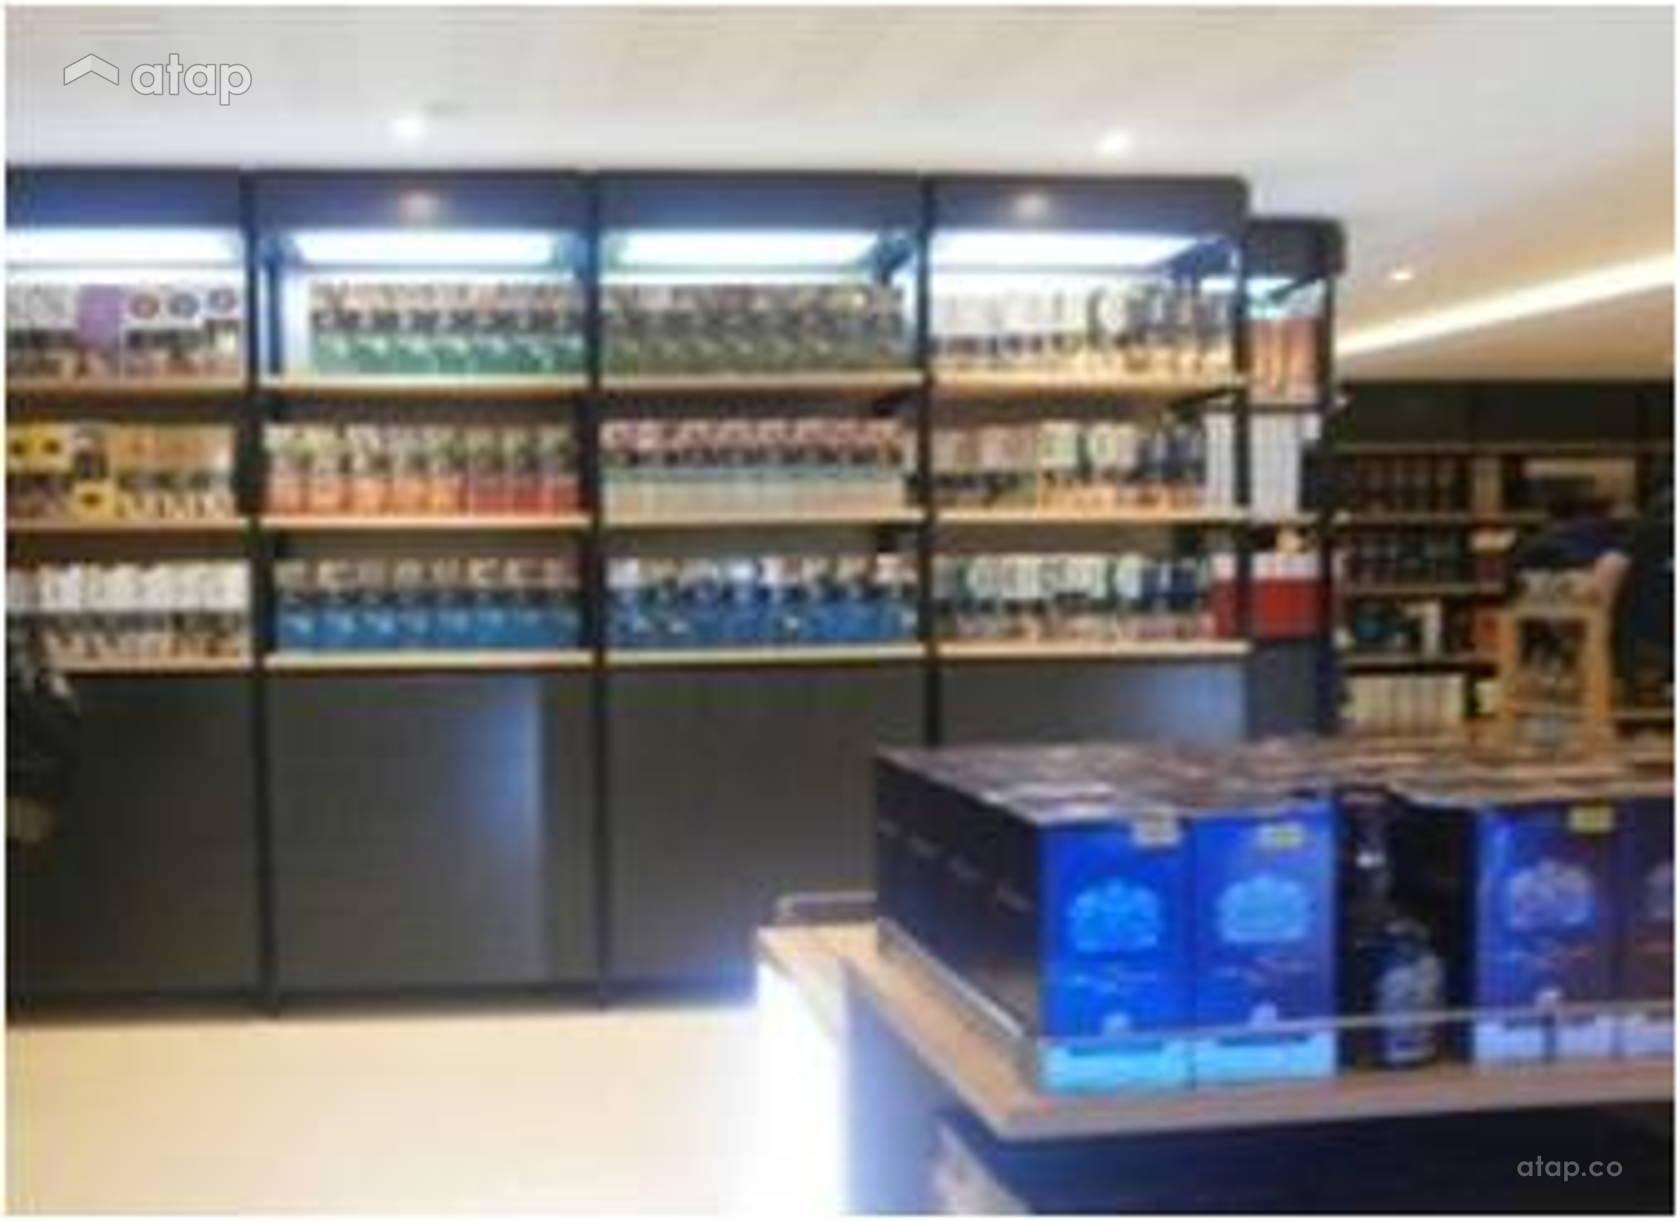 Eraman Duty Free Klia 2 Interior Design Renovation Ideas Photos And Price In Malaysia Atap Co